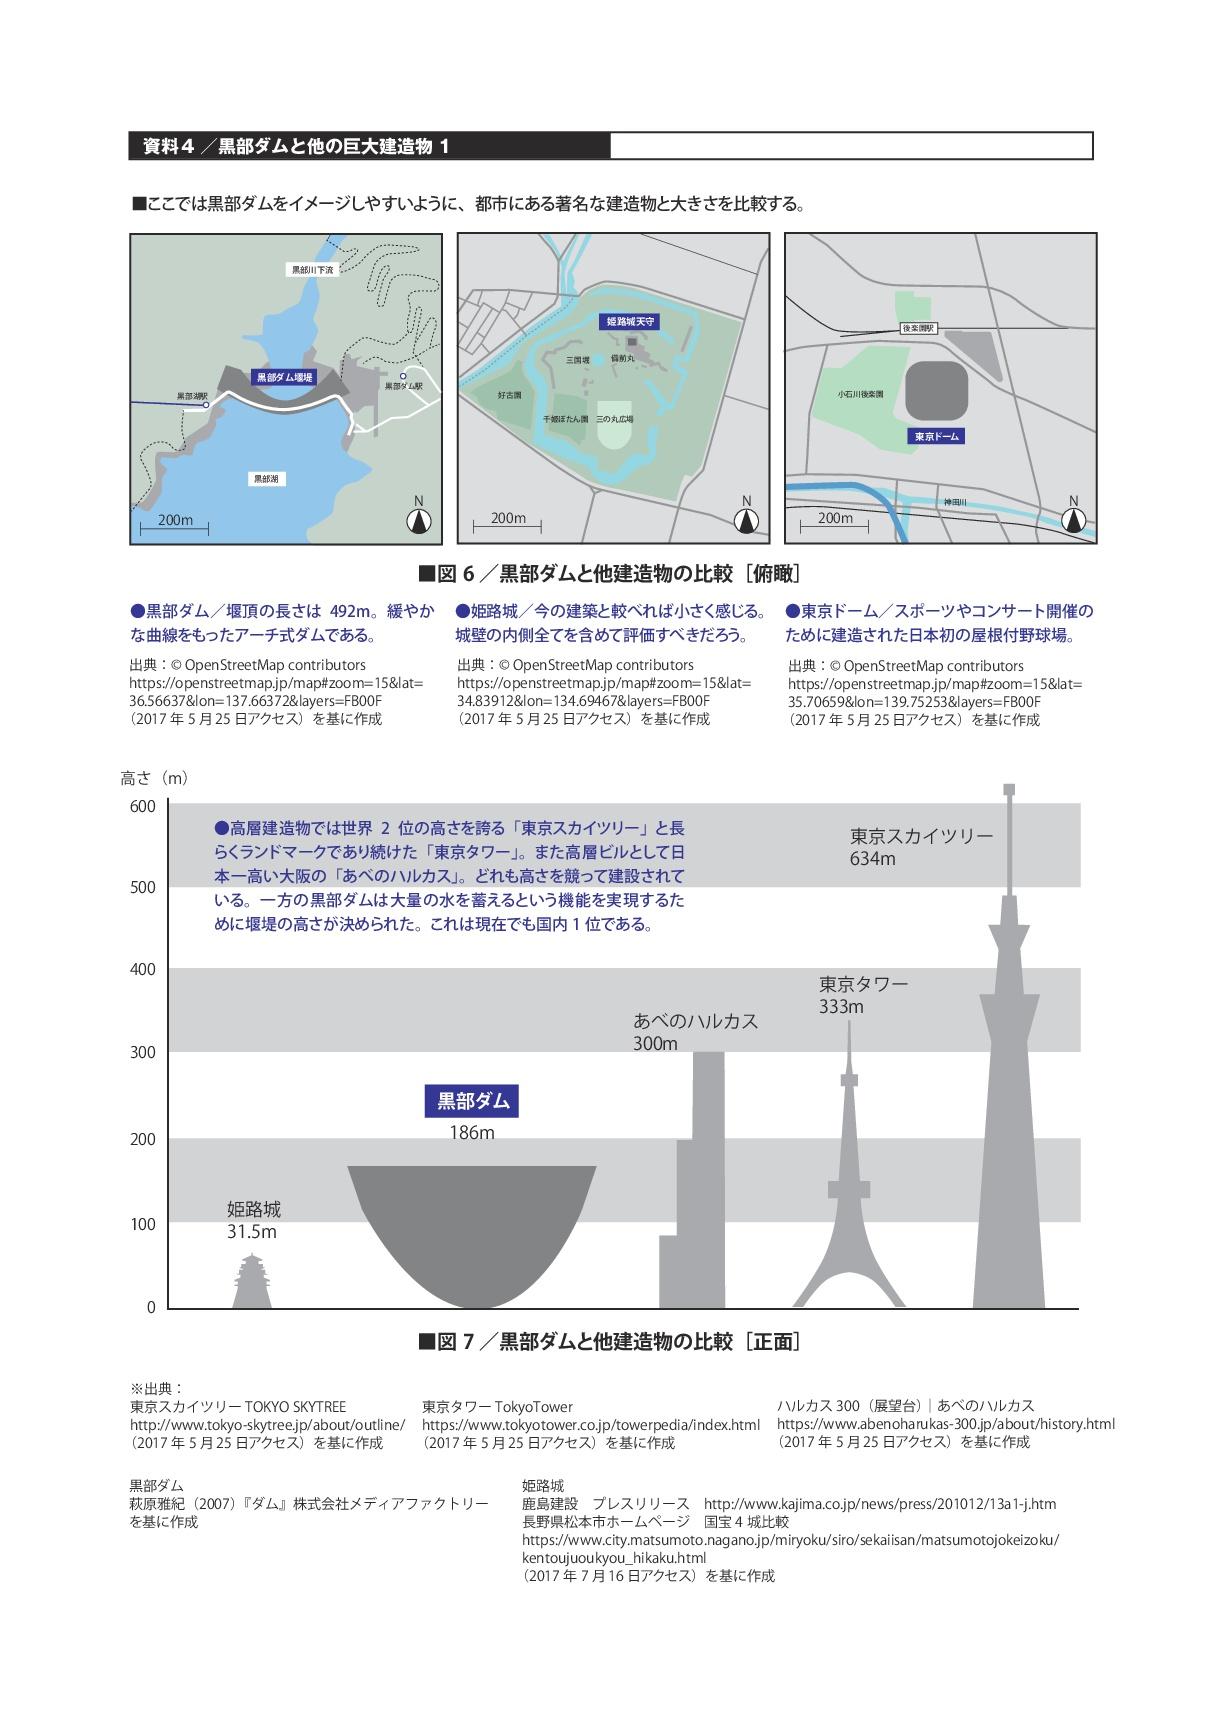 資料4/黒部ダムと他の巨大建造物1